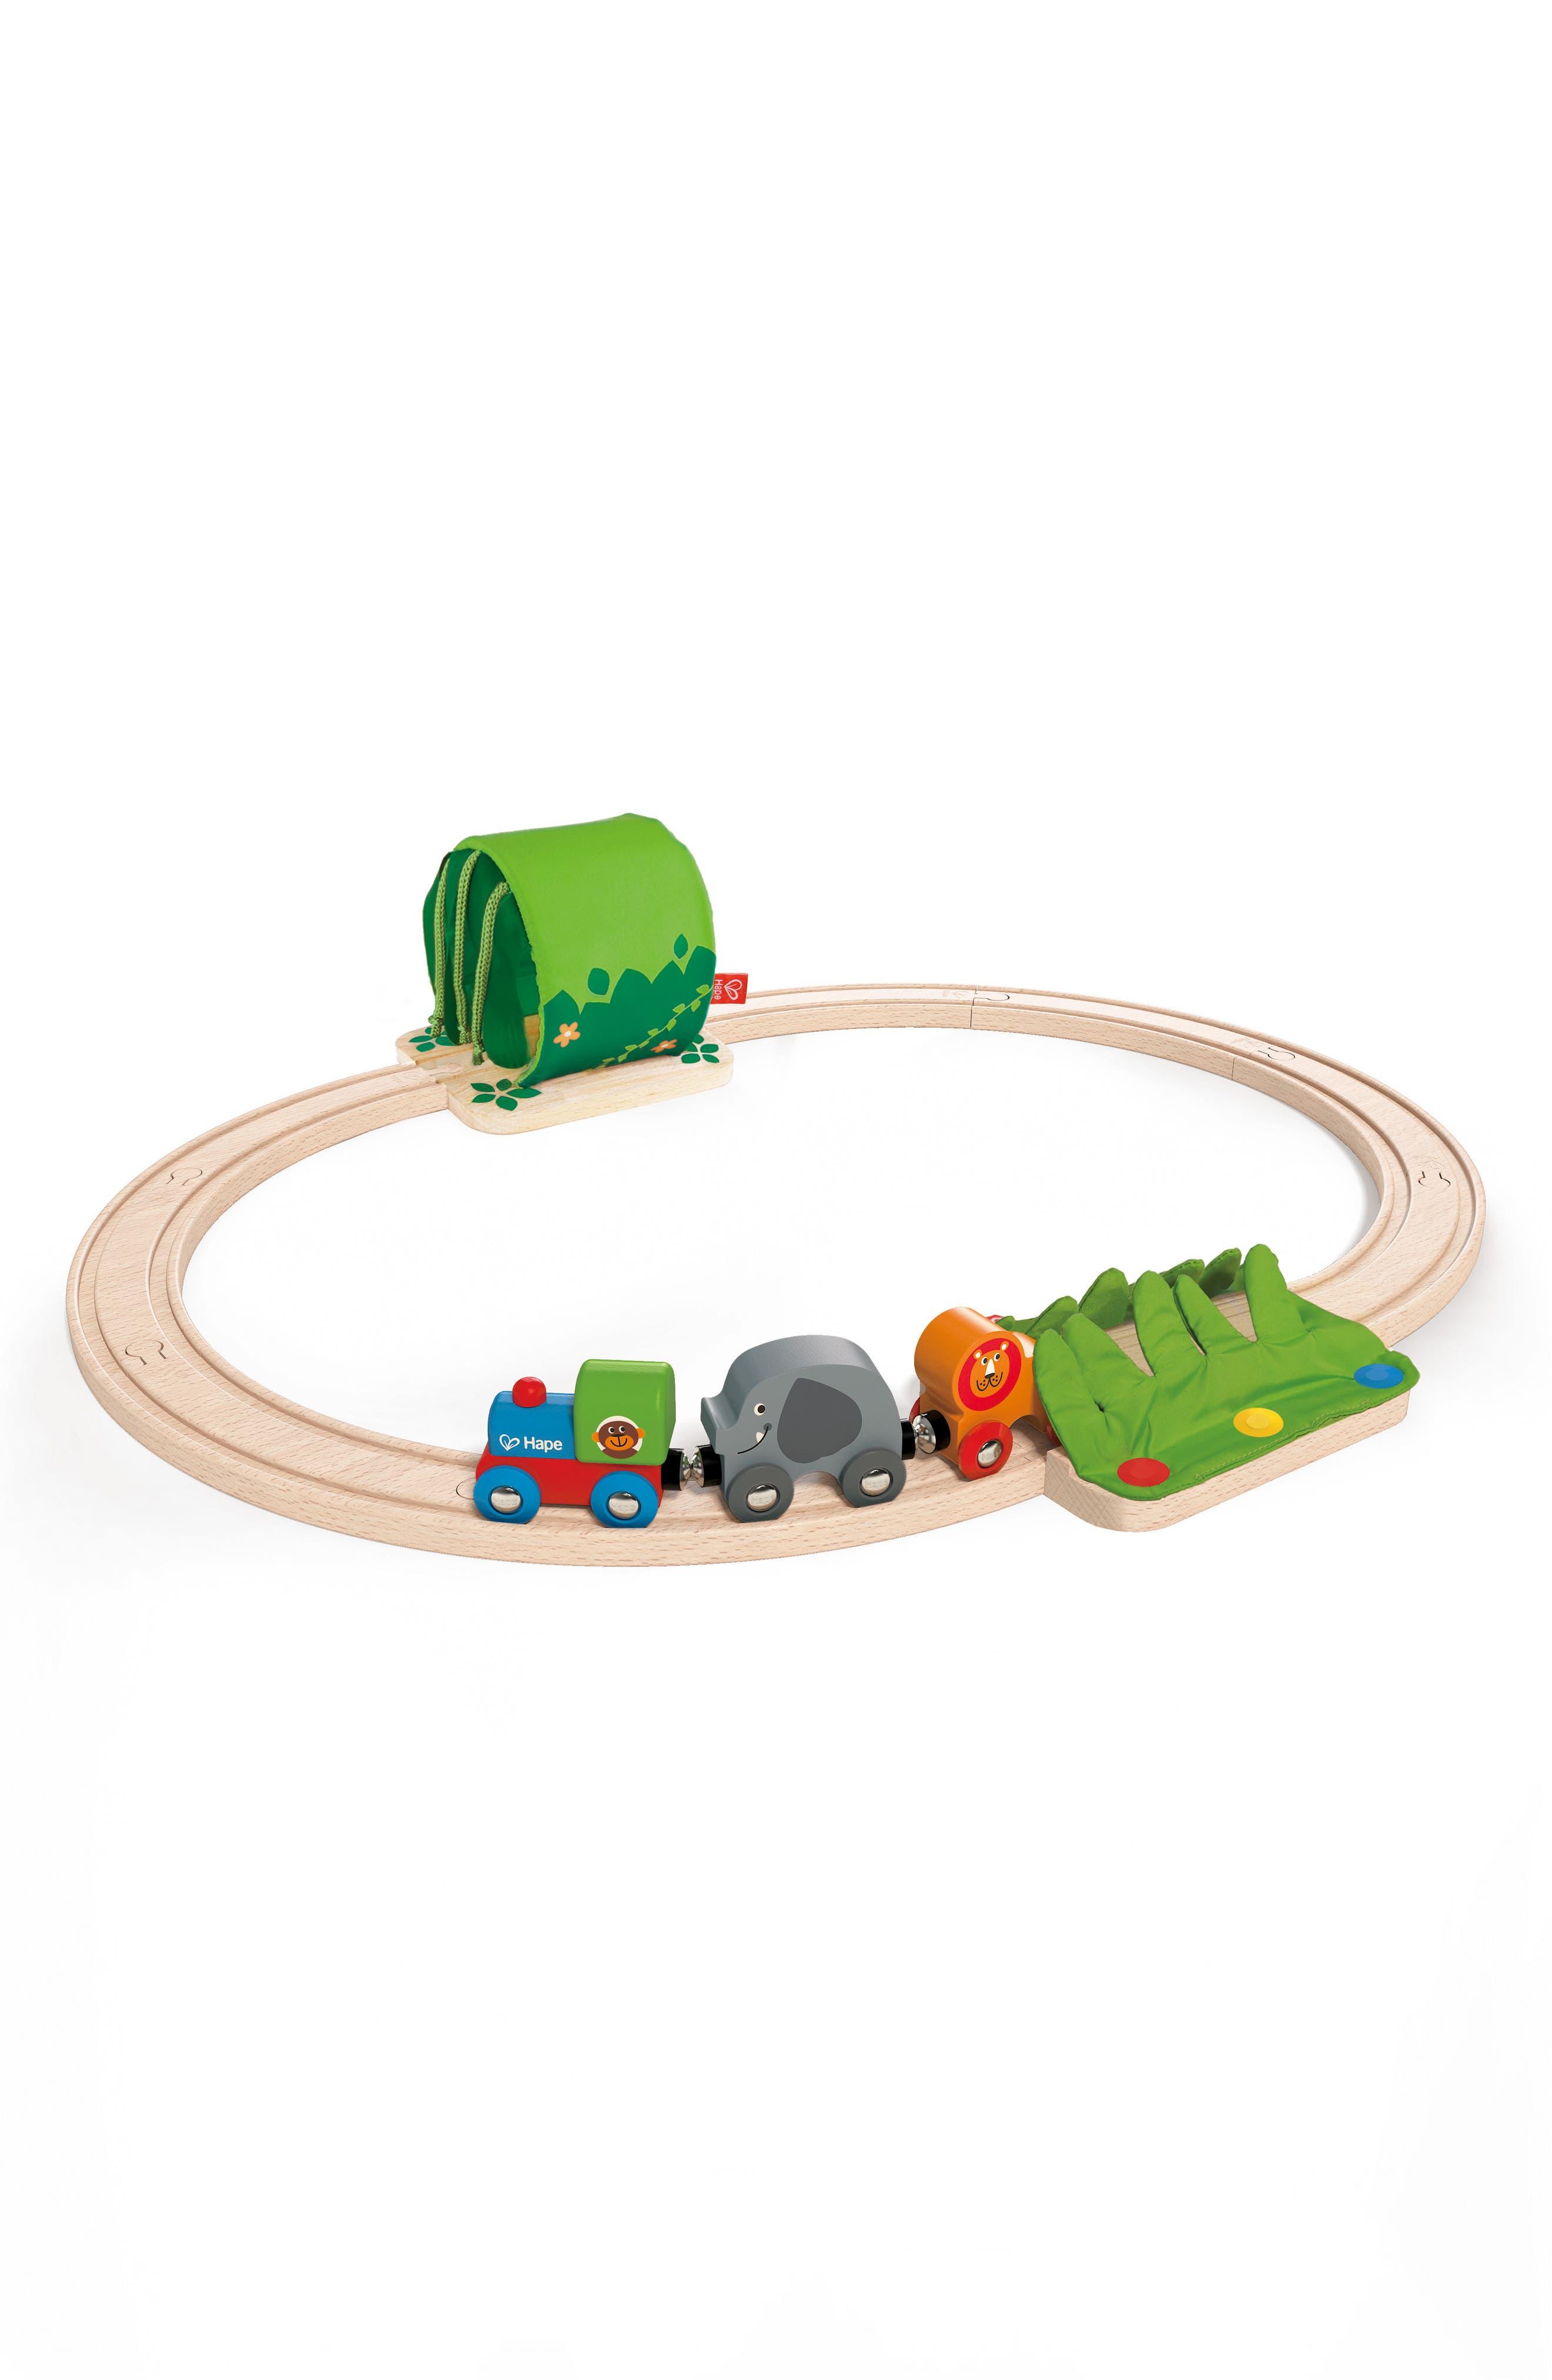 Jungle Train Journey Wooden Train Set,                             Main thumbnail 1, color,